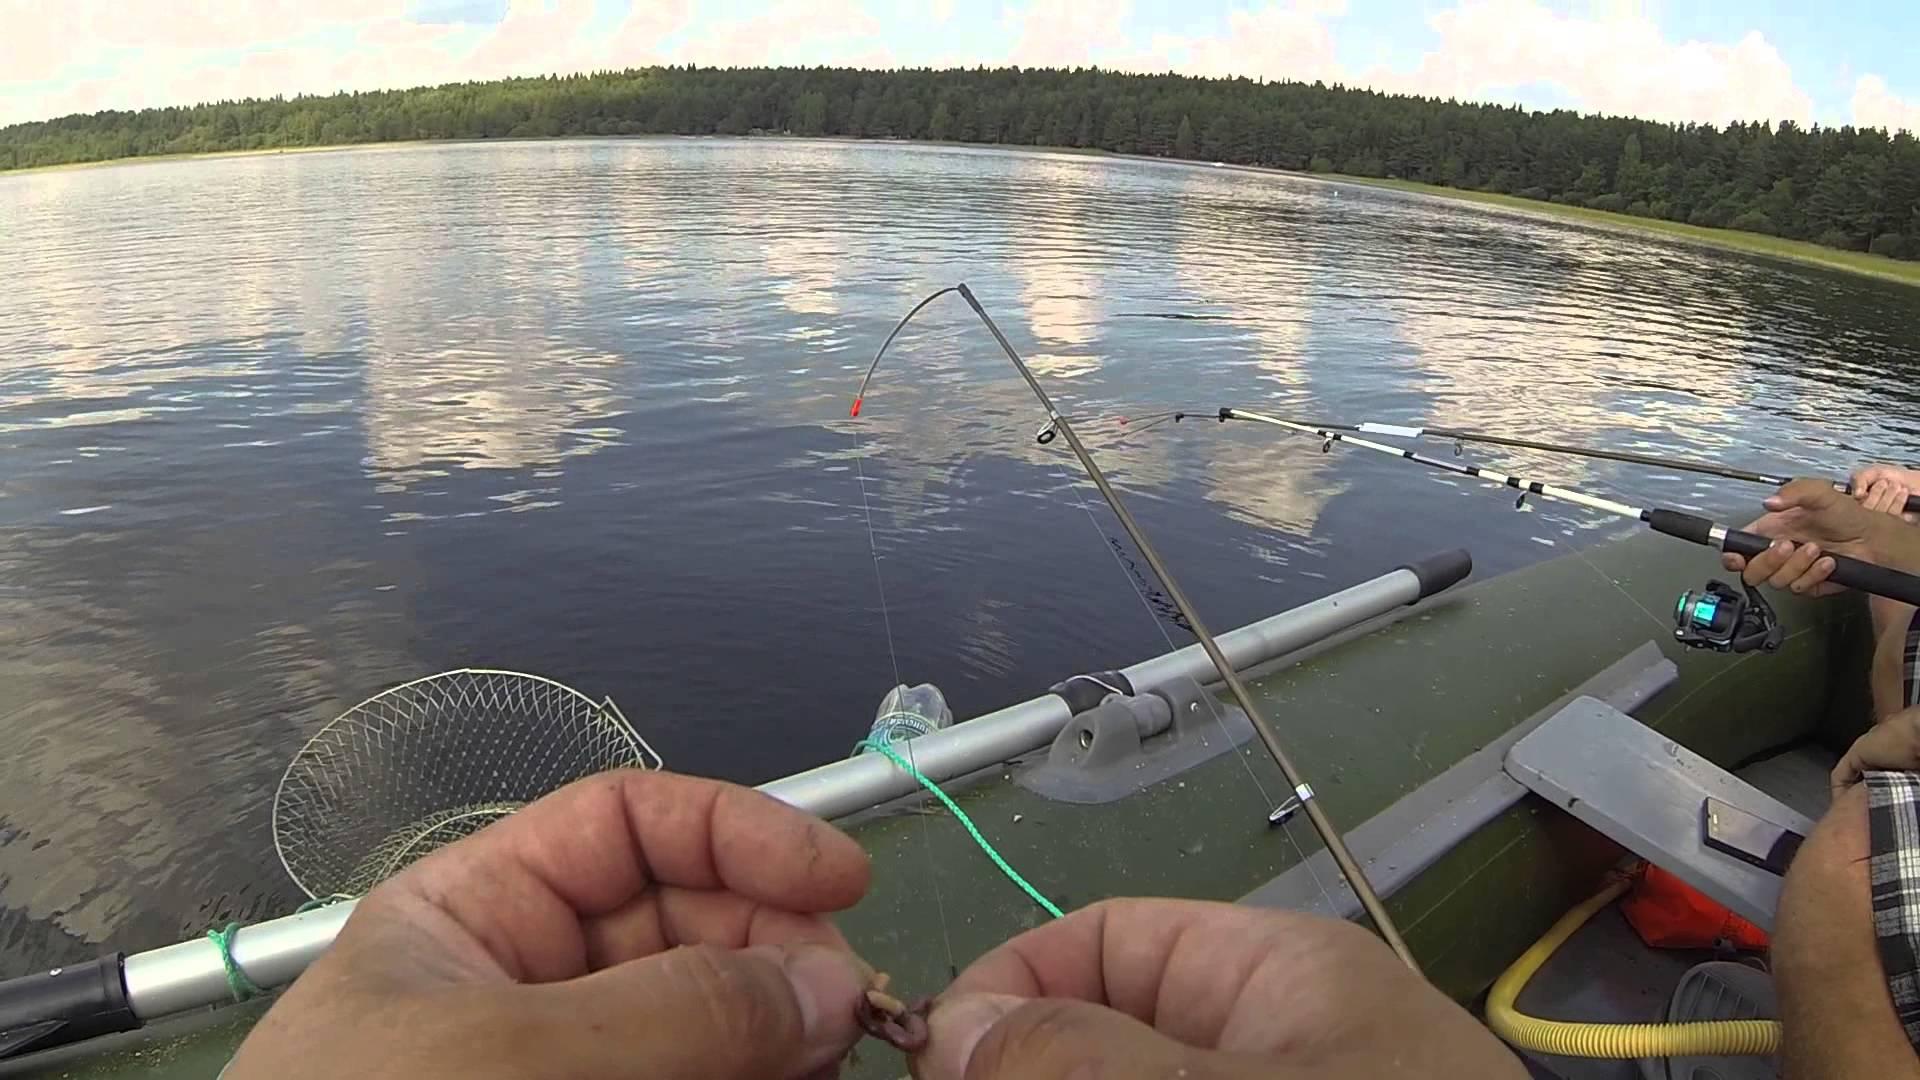 Как сделать ловушку для мелкой рыбы из пластиковых бутылок (малечница, малявочница)